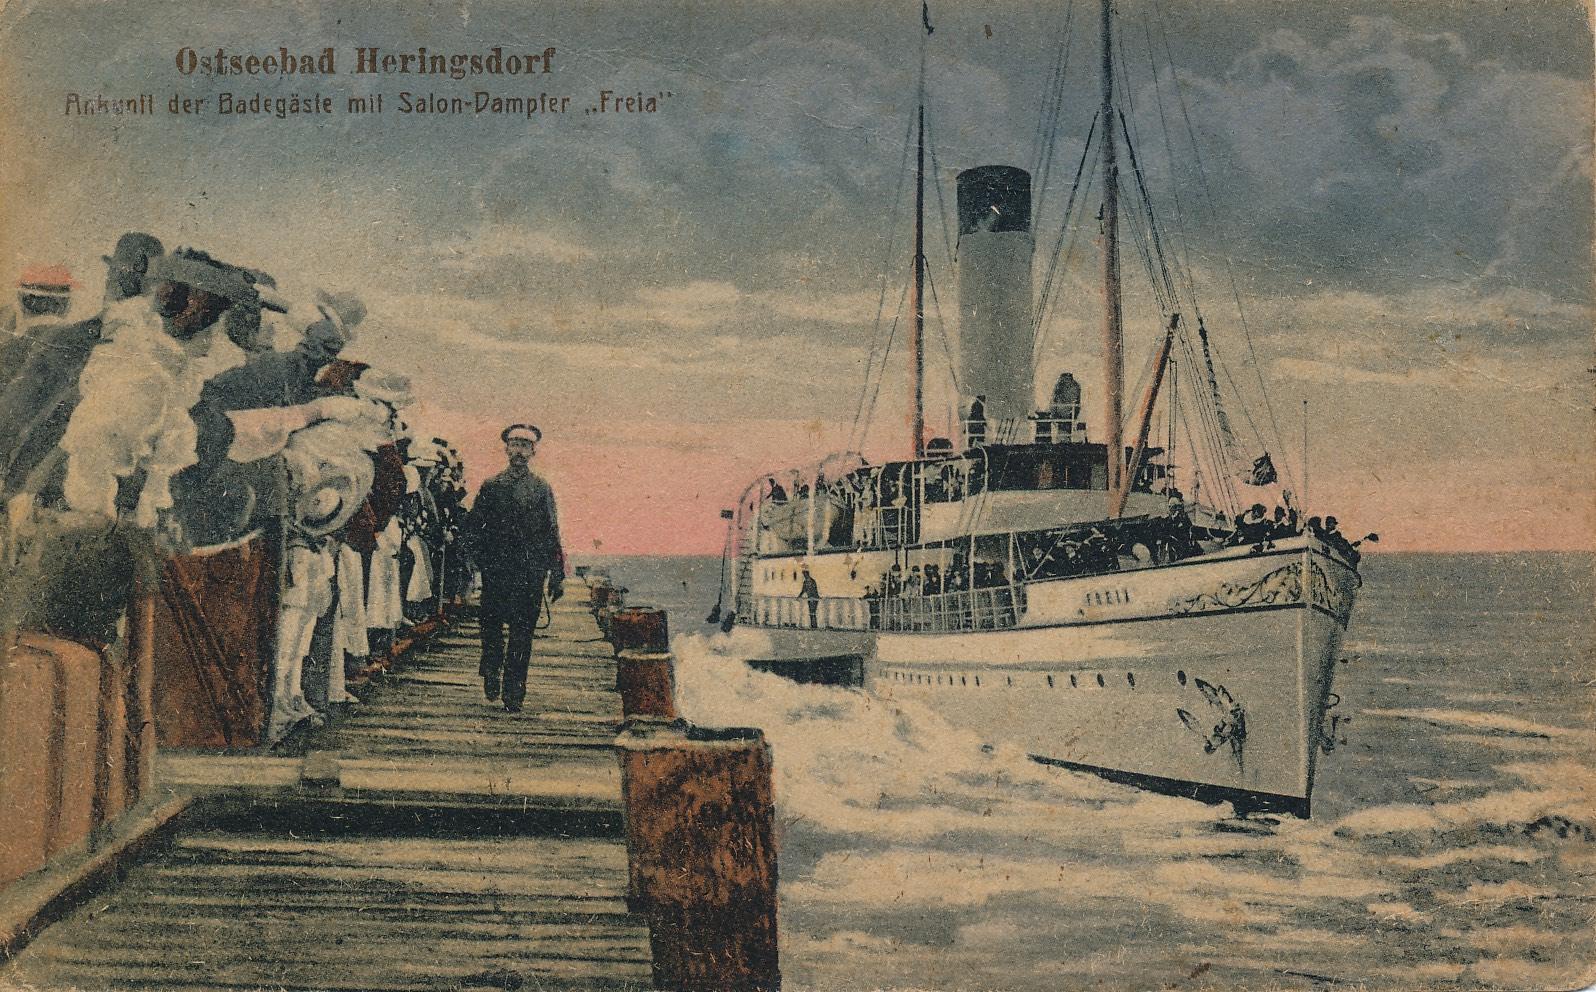 Historische Bild von einem Schiff mit Seemännern am Hafen von Usdeom   Kaiserbäder Usedom